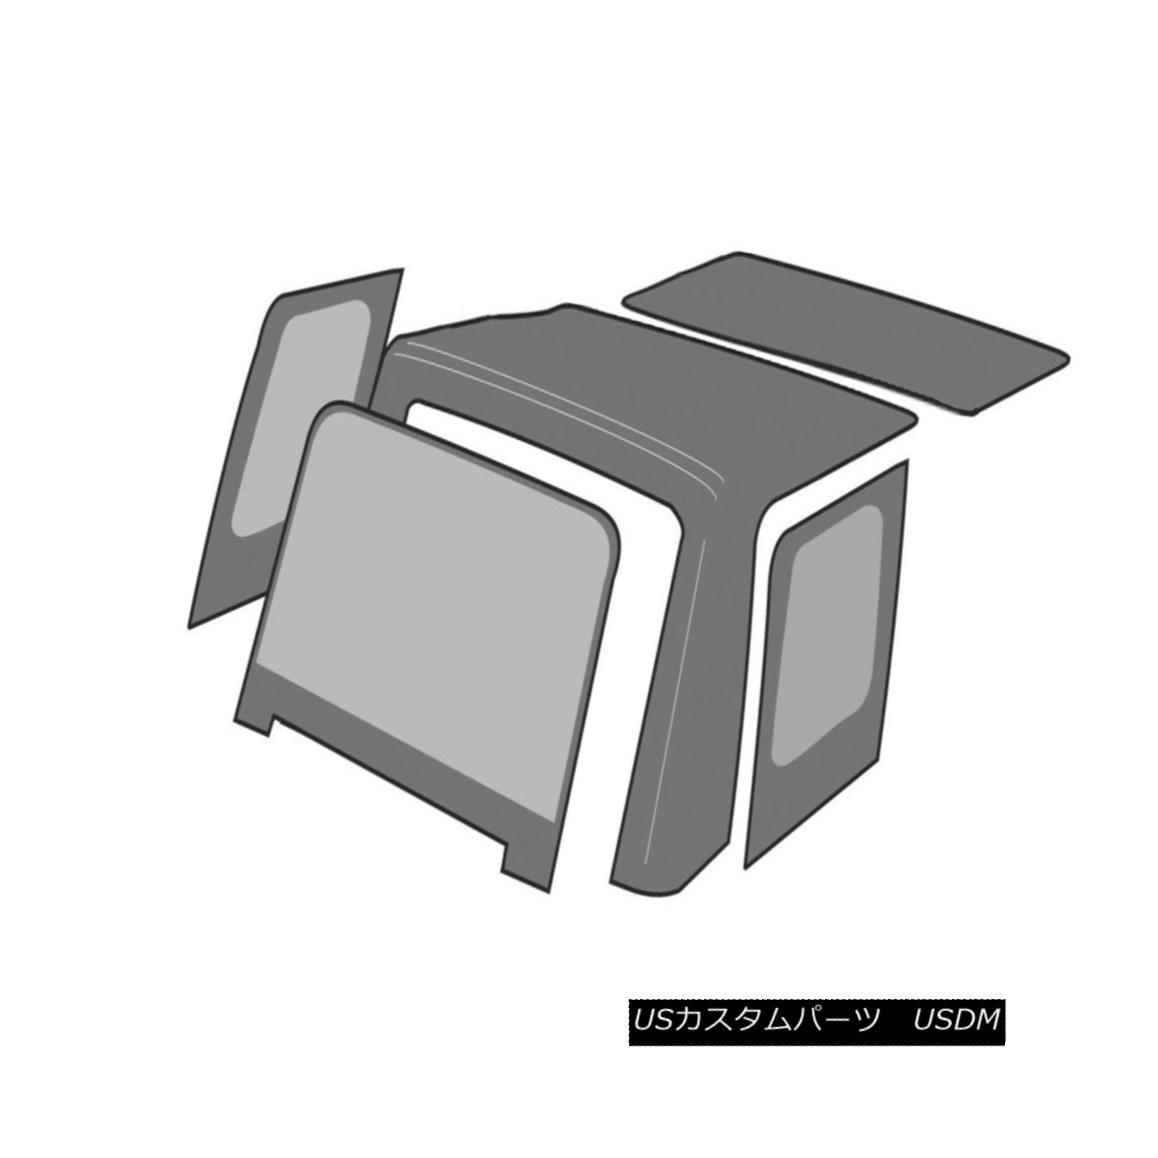 幌・ソフトトップ Rampage 99835 Factory Replacement Soft Top Fits 07-09 Wrangler (JK) Rampage 99835工場交換ソフトトップフィット07-09 Wrangler(JK)